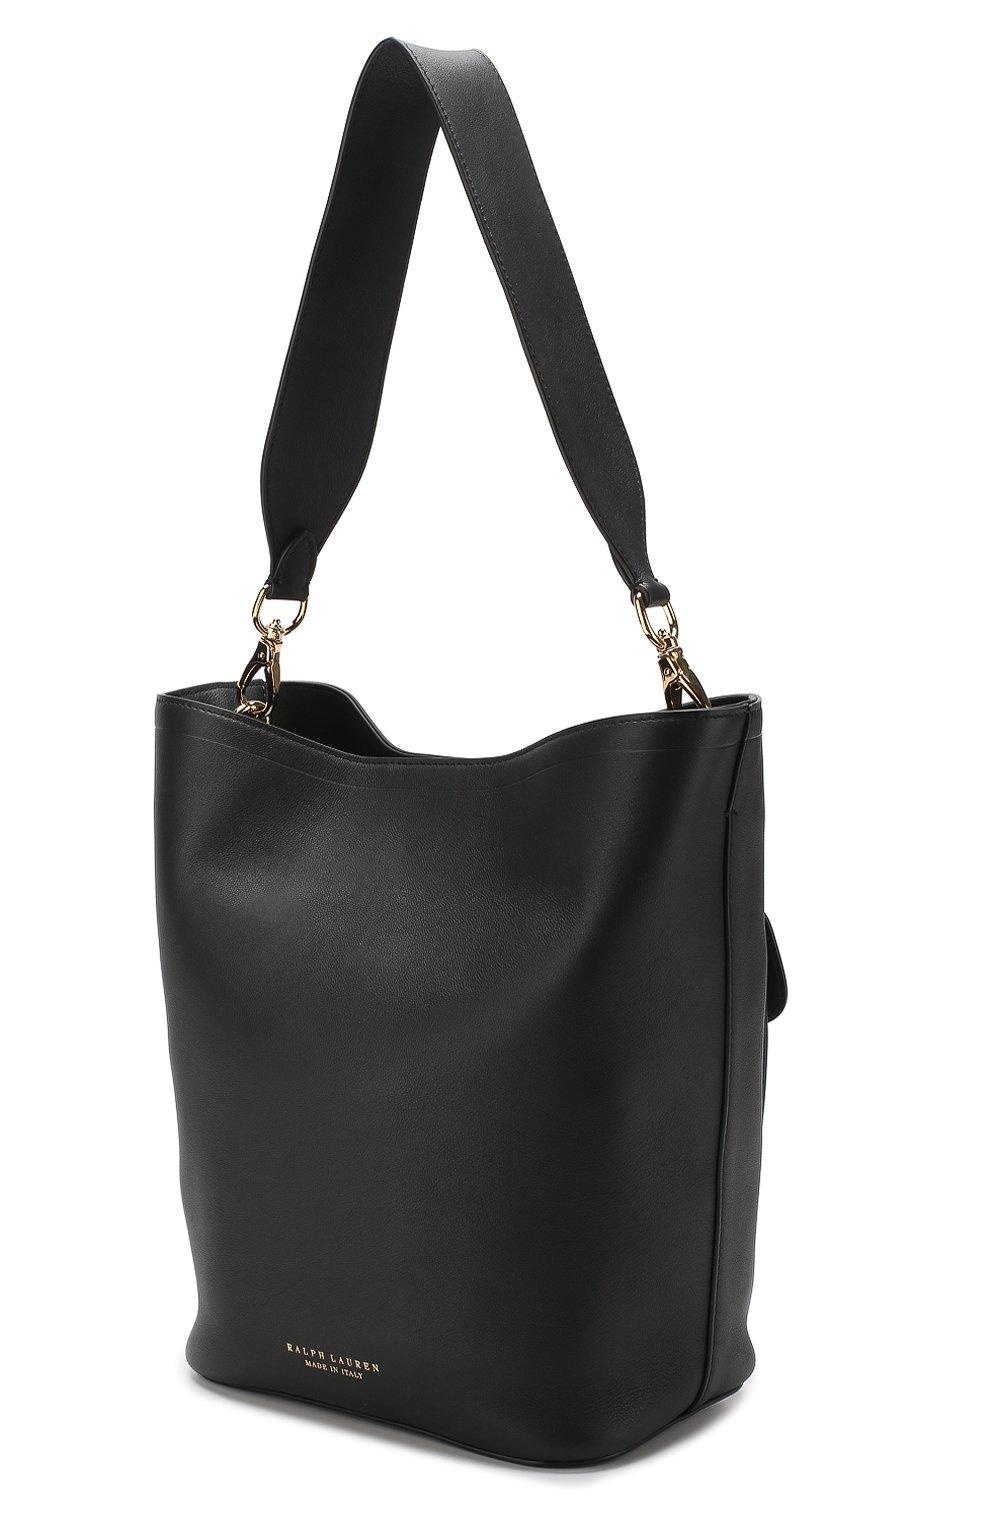 Сумка Ricky Bucket Ralph Lauren черная цвета | Фото №3